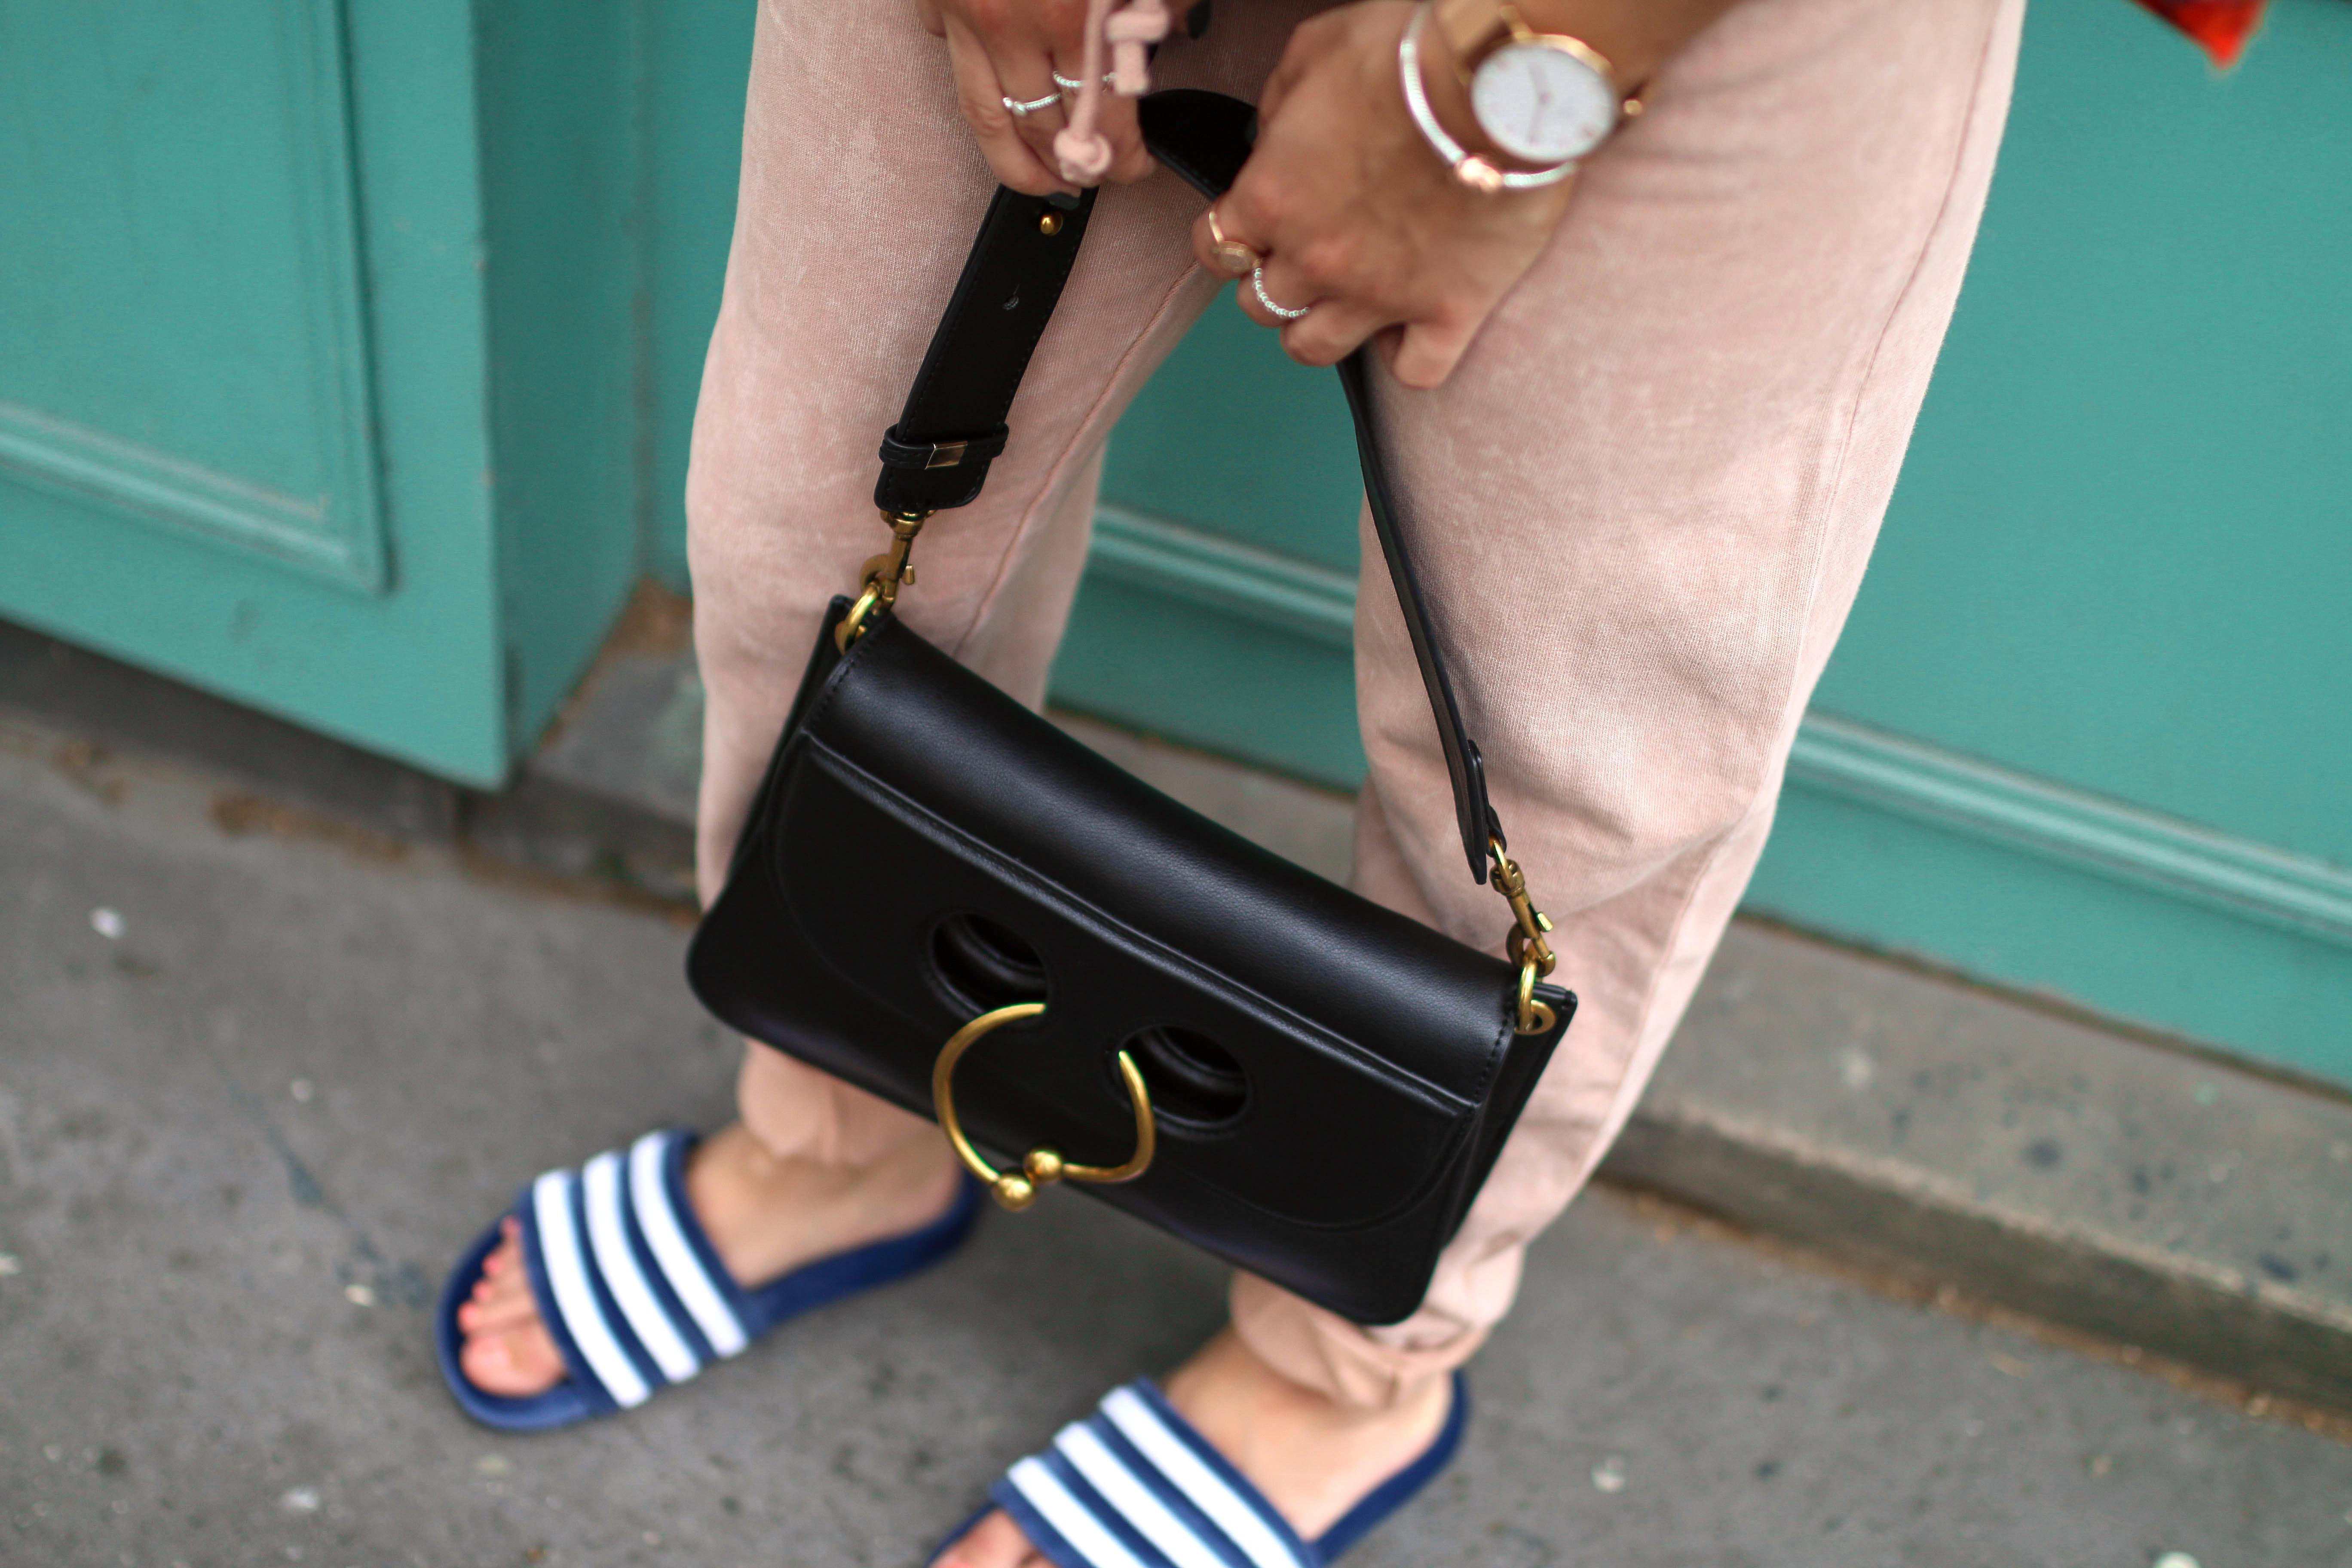 velvet adilettes trend velvet adiletten latest fashion trend streetstyle paris